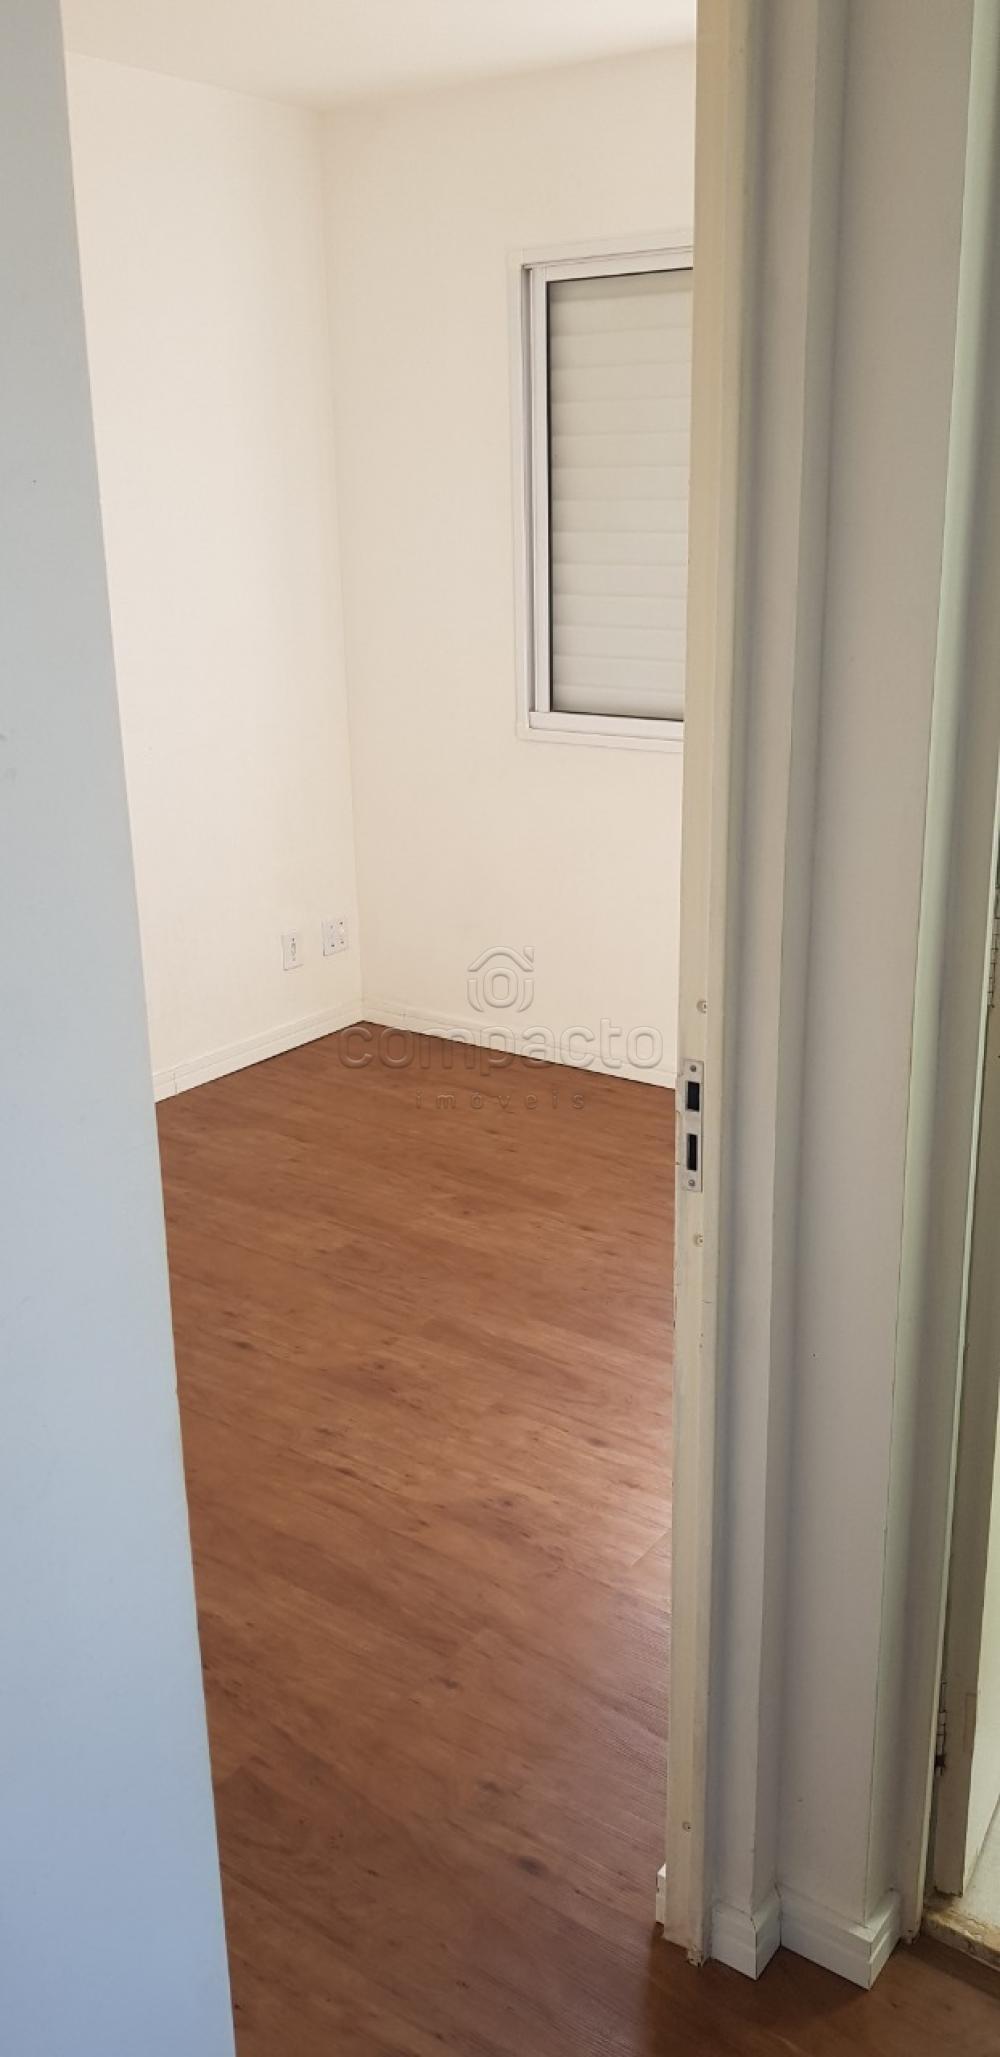 Comprar Apartamento / Padrão em São José do Rio Preto apenas R$ 222.000,00 - Foto 5